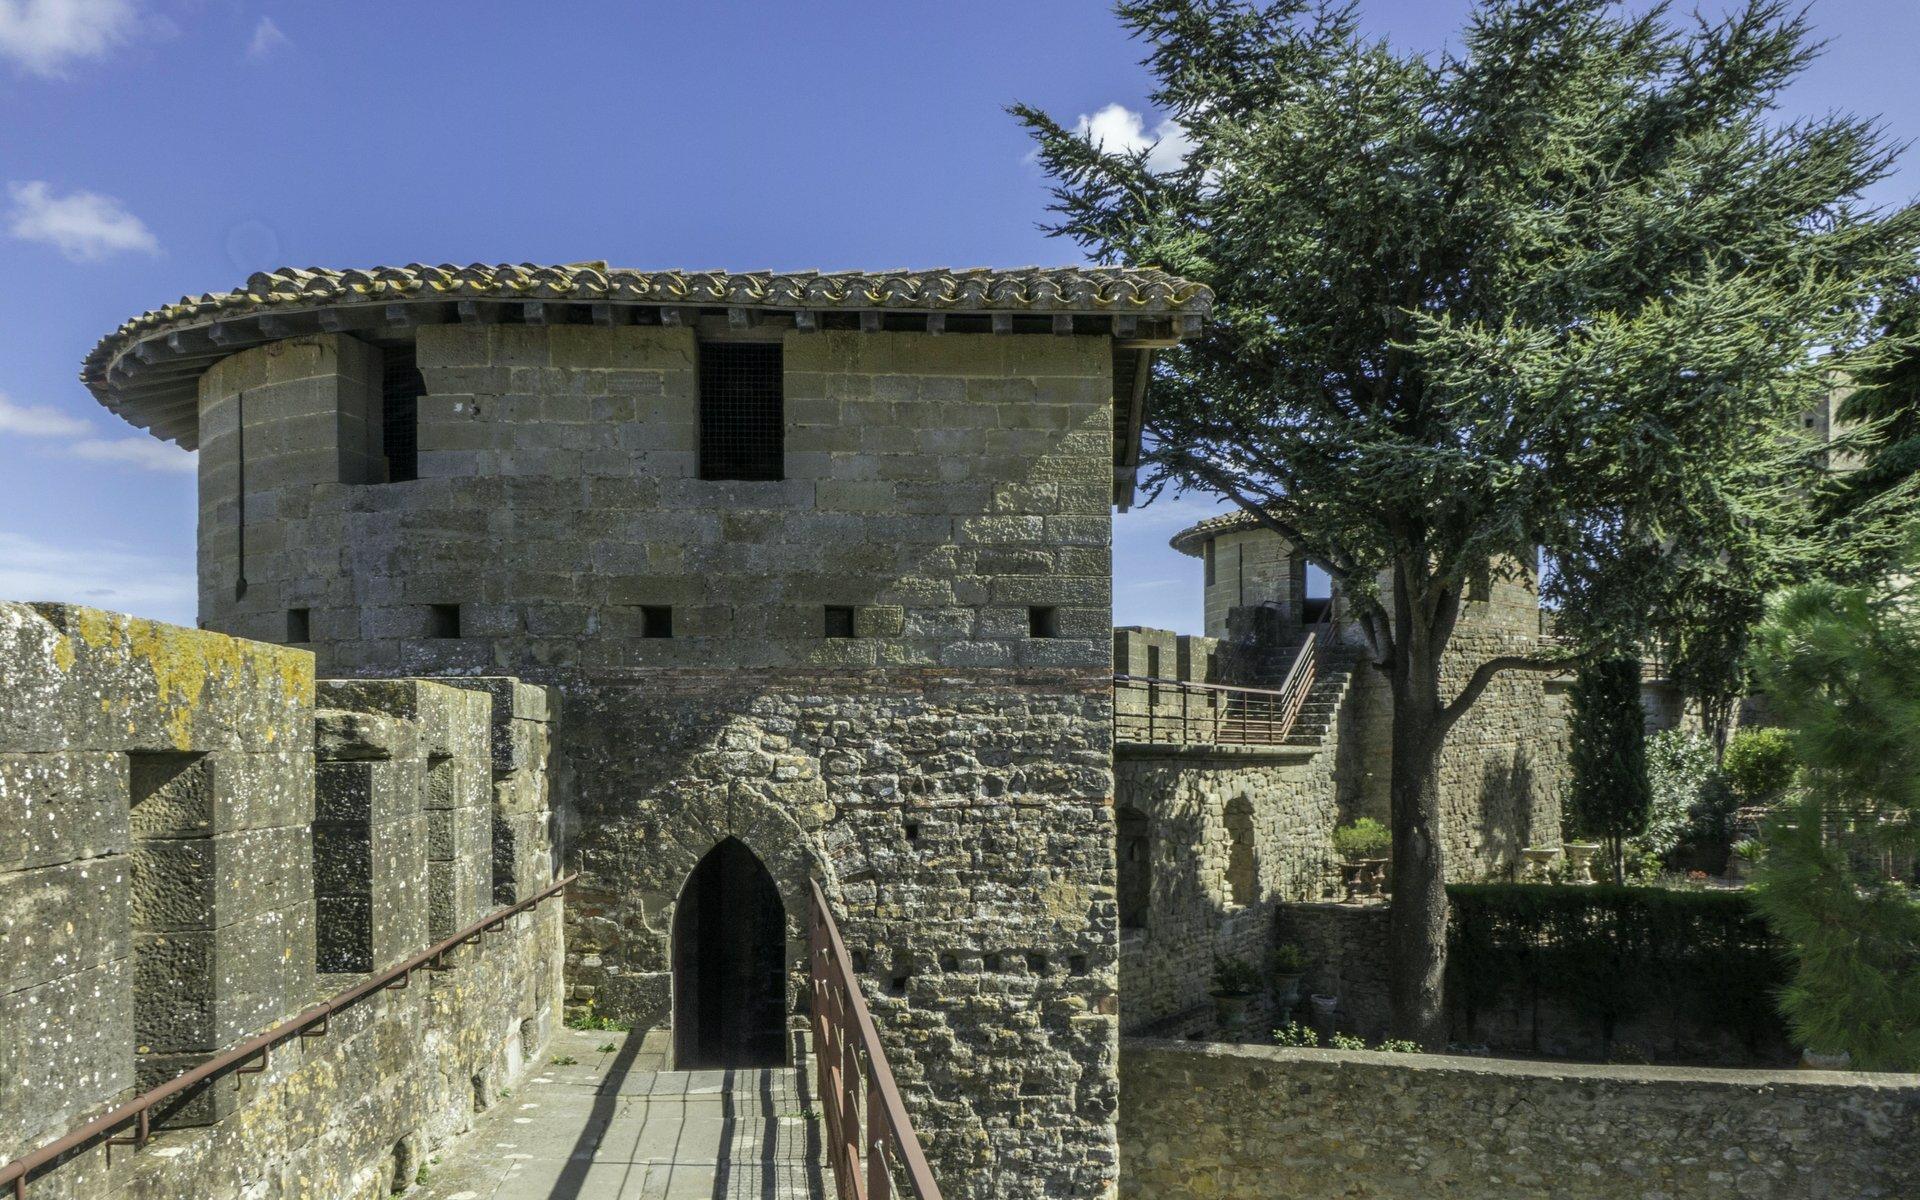 Nordöstliche innere Stadtmauer der Cité Carcassonne